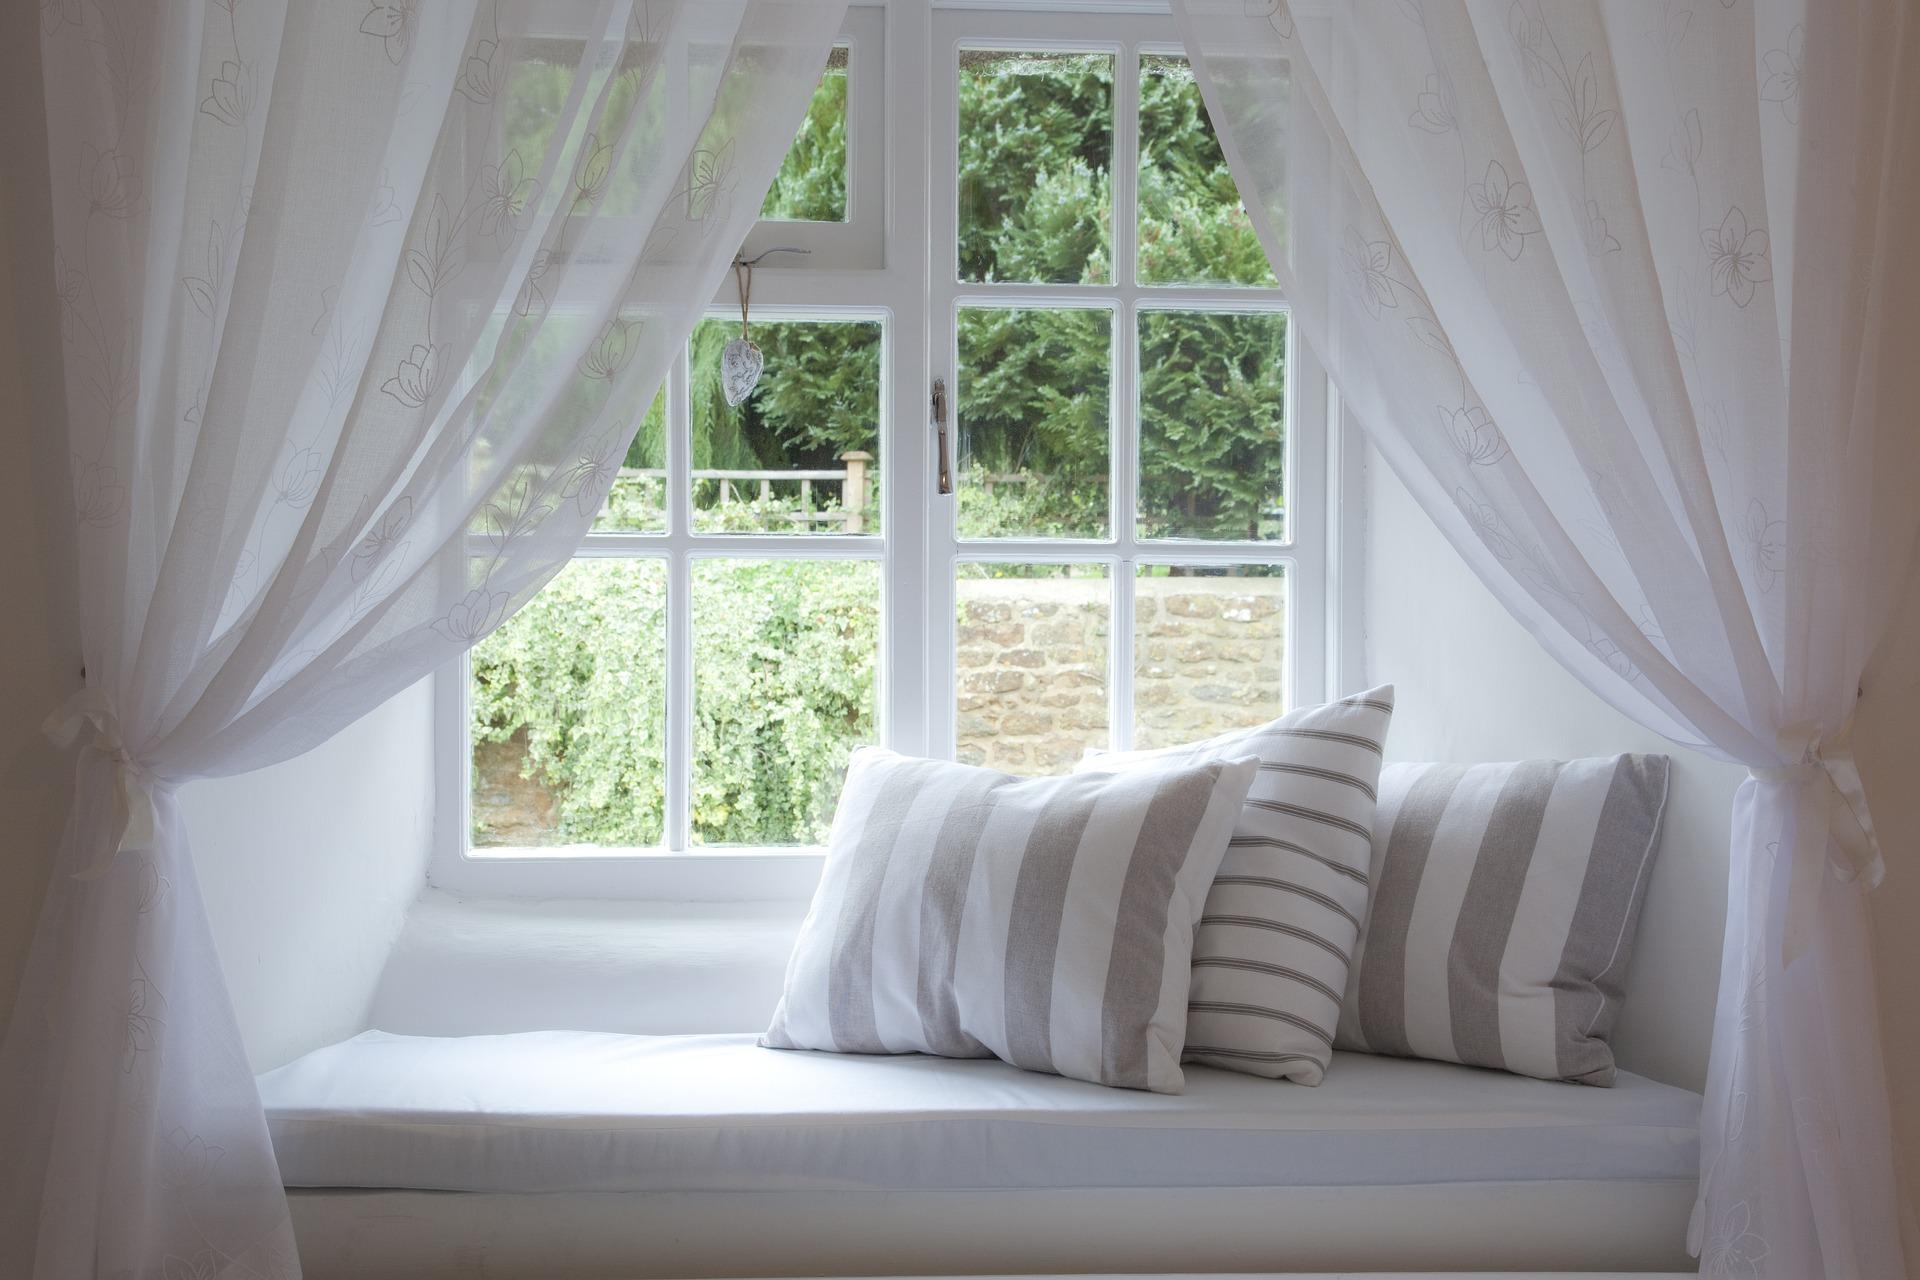 Créez vous un sit-spot dans votre maison, vous devez pouvoir vous ressourcer facilement à chaque fois que vous en ressentez le besoin.